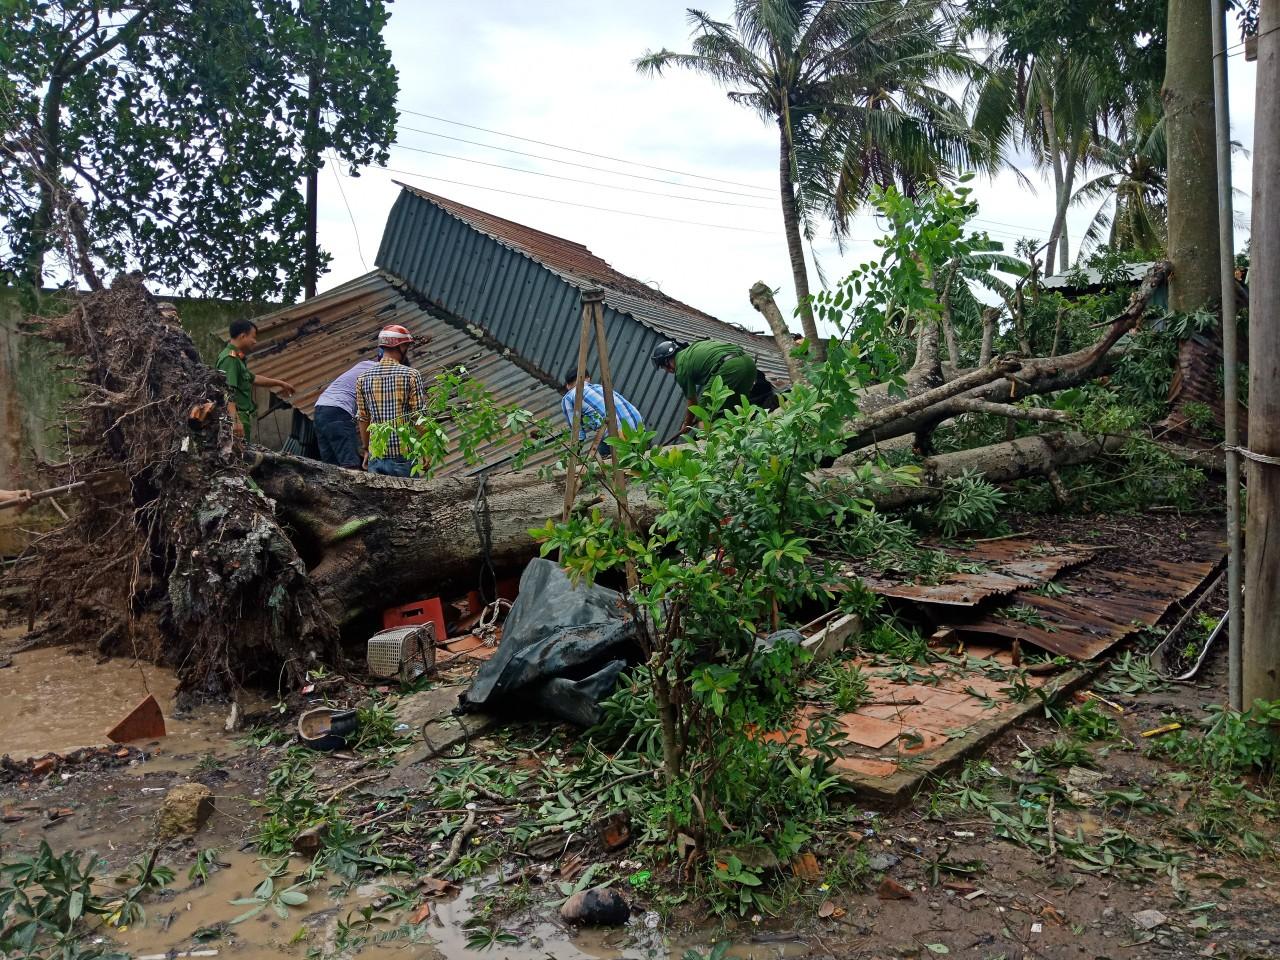 Mưa lớn, lốc xoáy làm ngã đổ cây xanh và đè trên nhà dân tại quận Thốt Nốt vào ngày 4-8-2019.